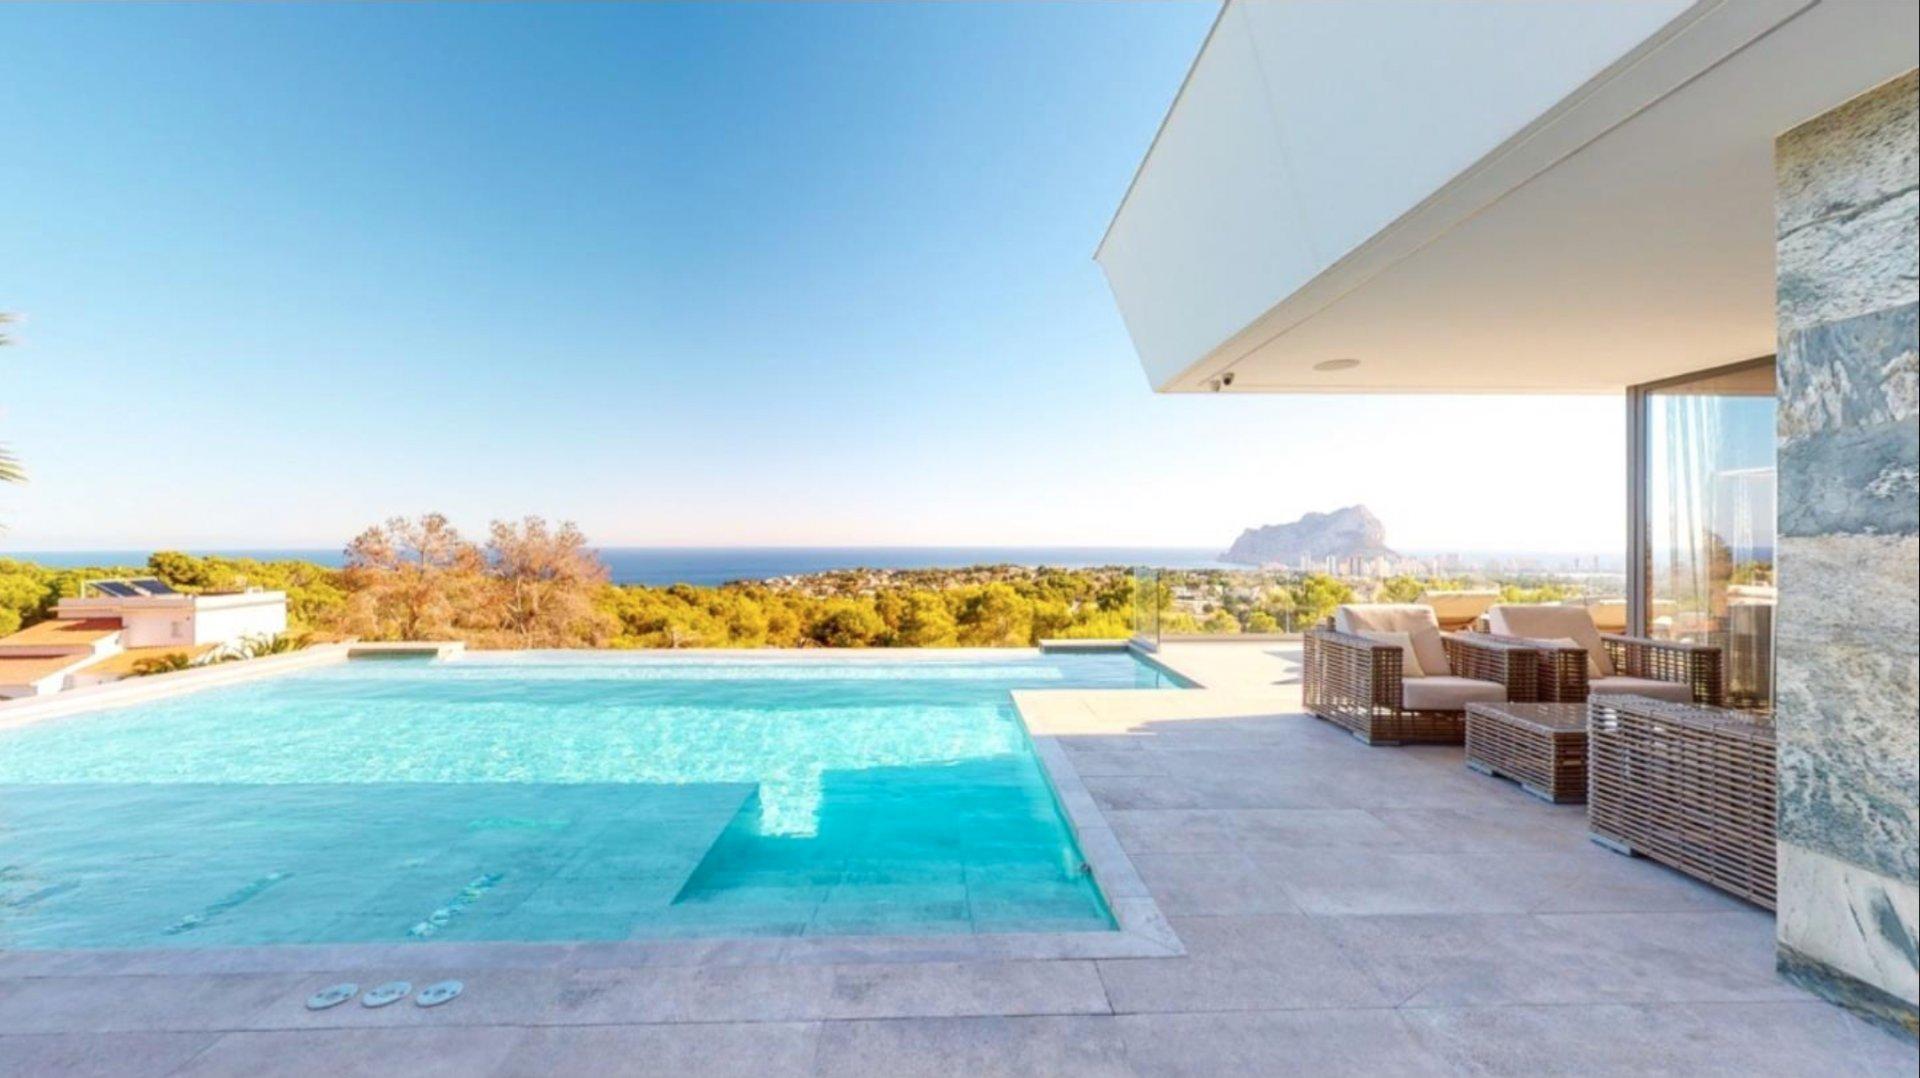 Villa de luxe exclusive avec vue panoramique sur la mer